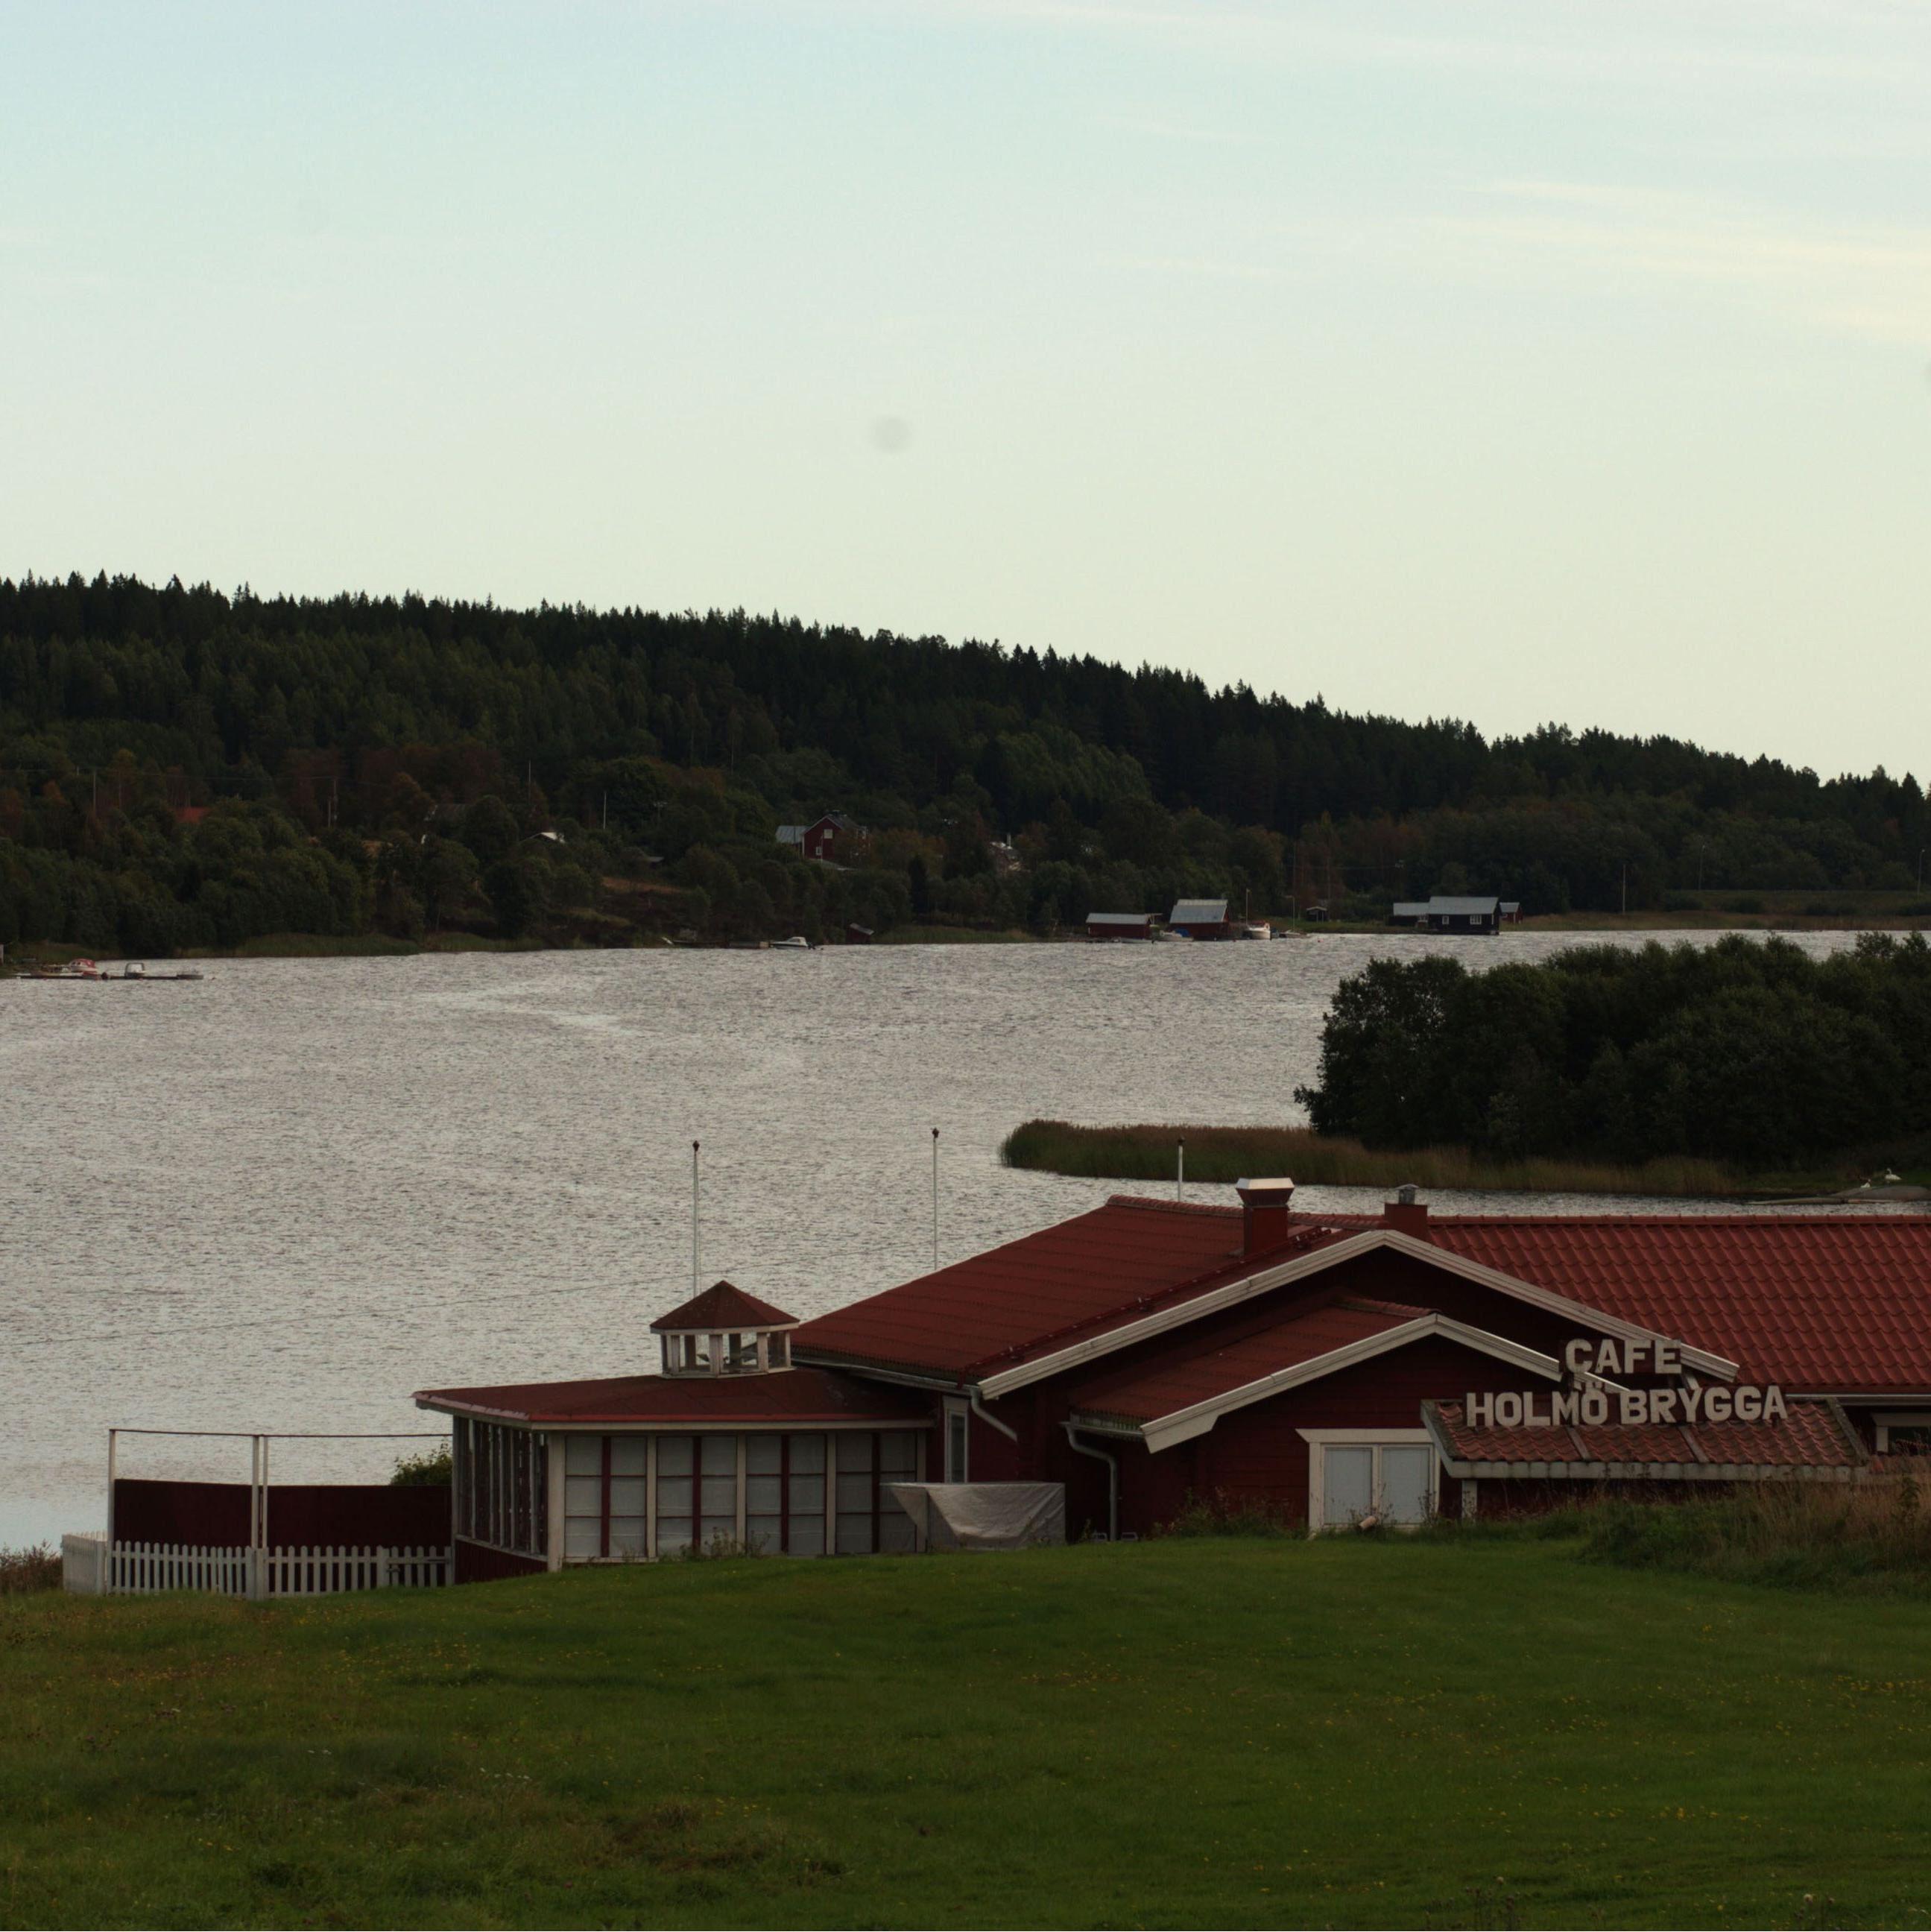 Foto: Thomas Hagfors, - utsikt mot Tynderösundet.